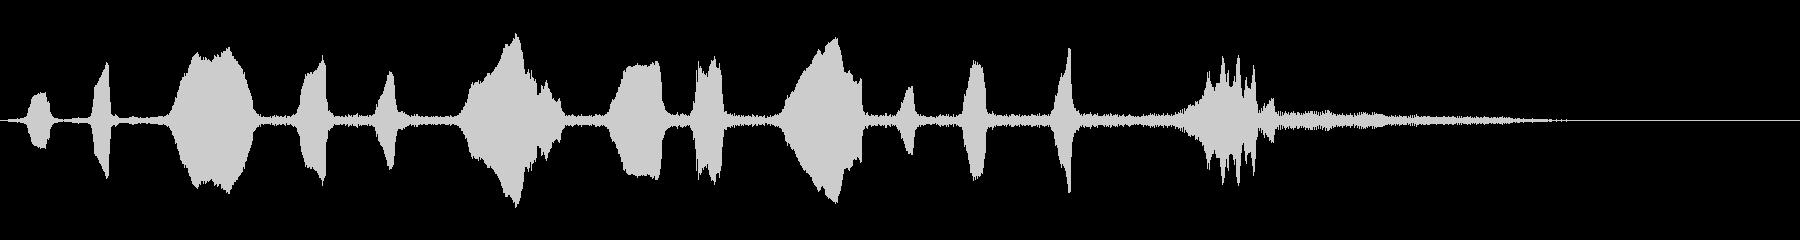 ホームミュートトランペットロゴのよ...の未再生の波形